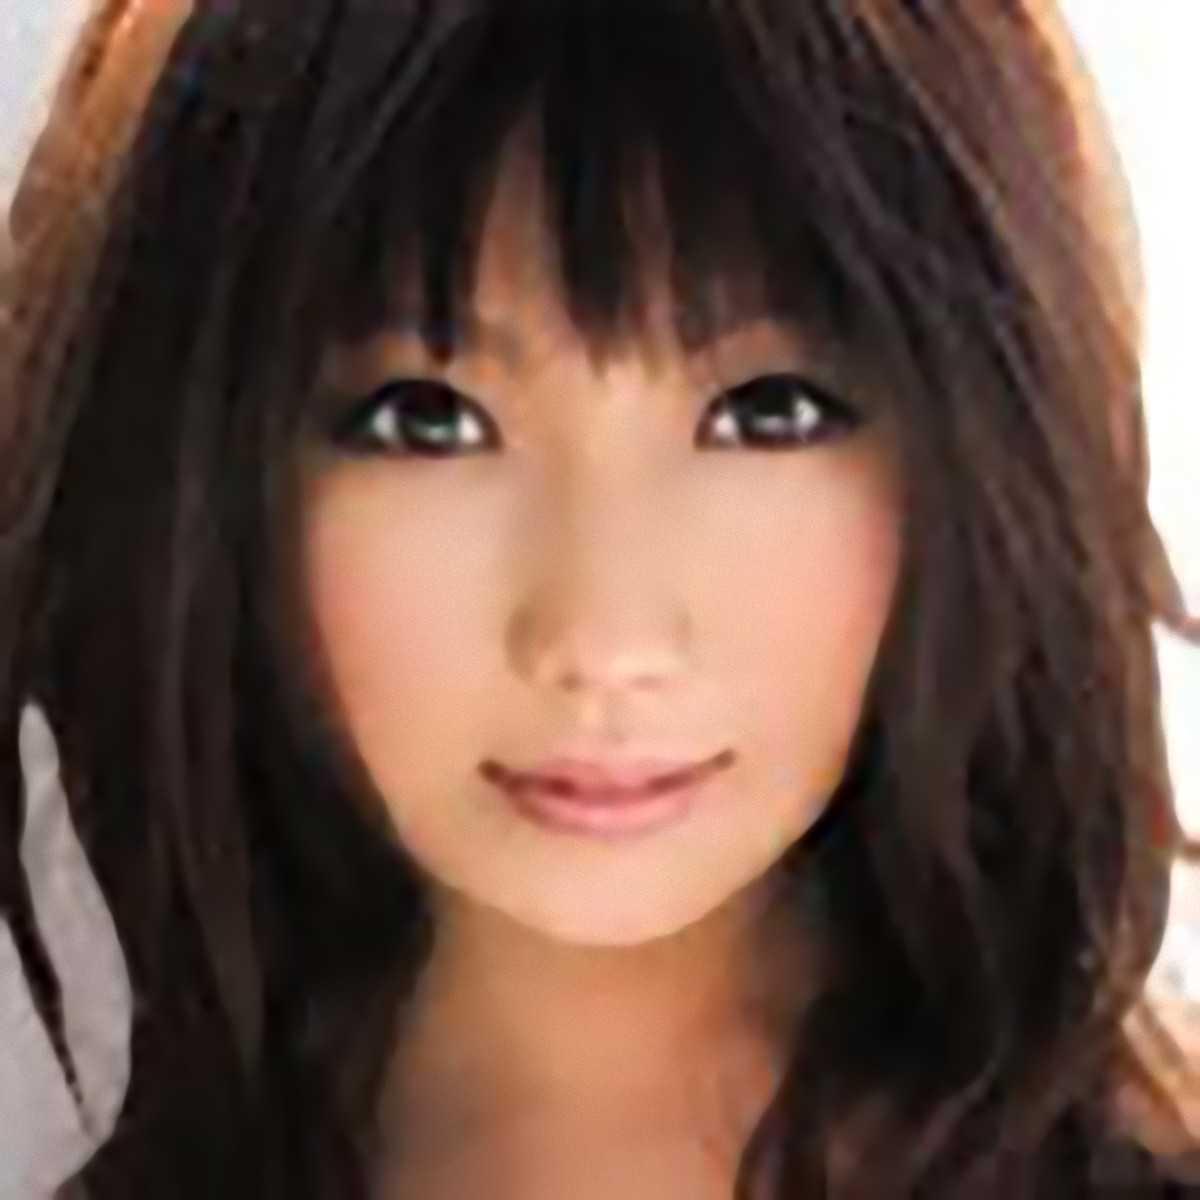 希美まゆさんのプロフィールと画像集11ページ目   AV女優画像